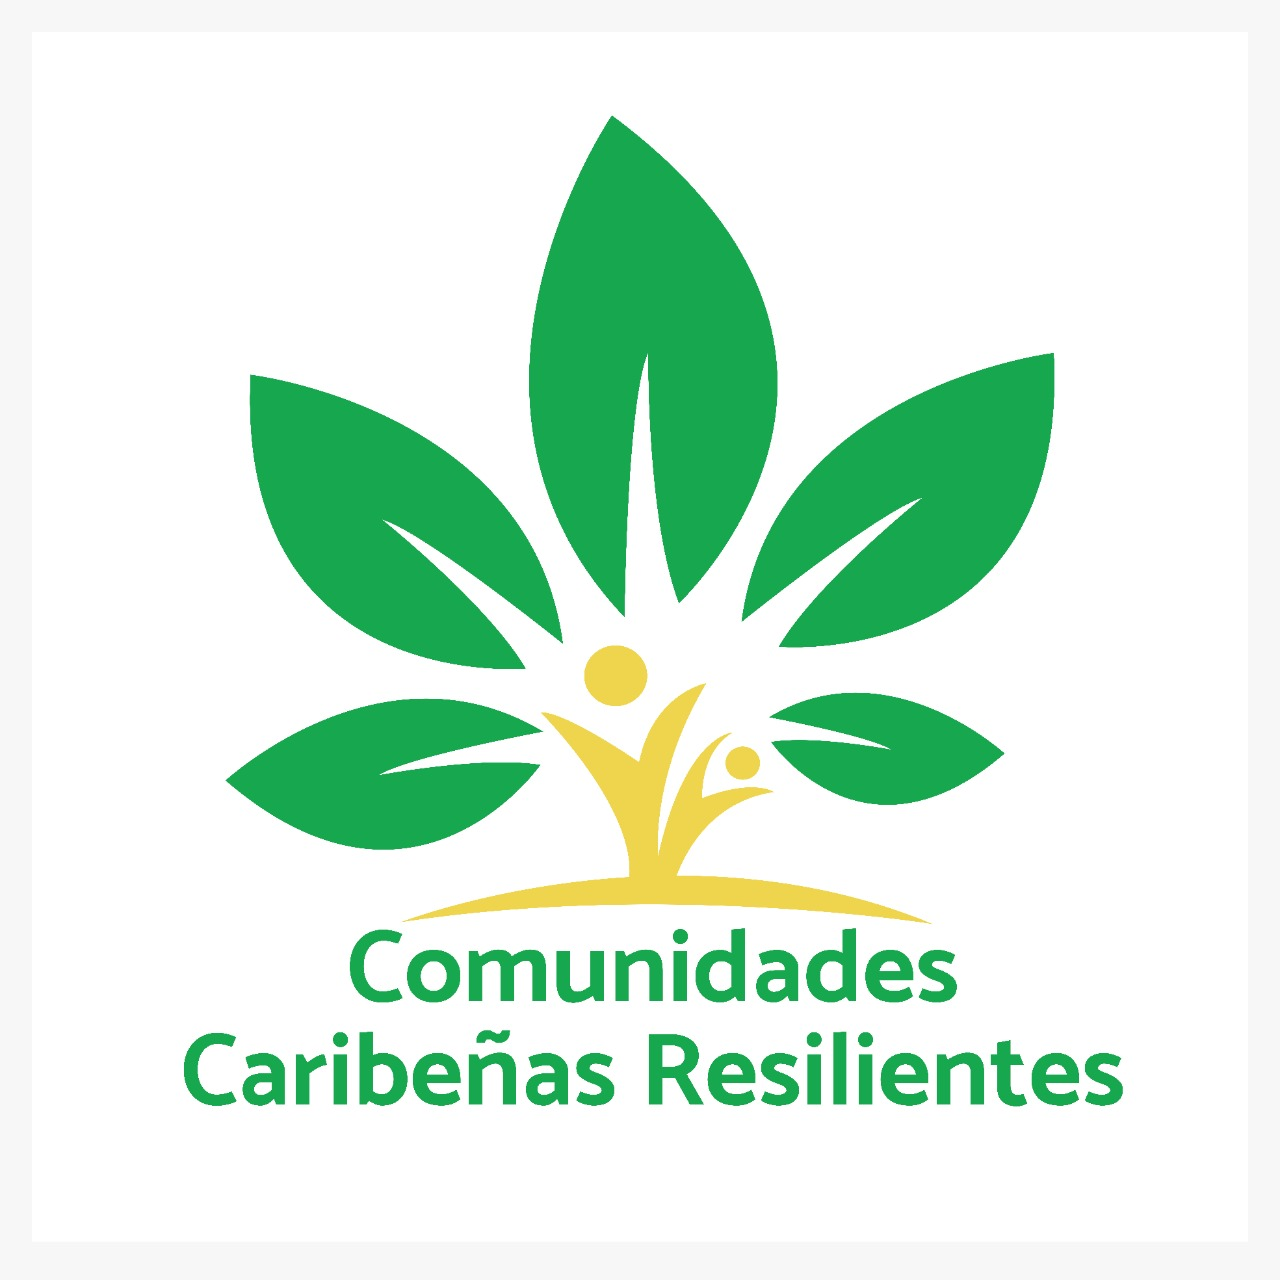 Comunidades Caribeñas Resilientes